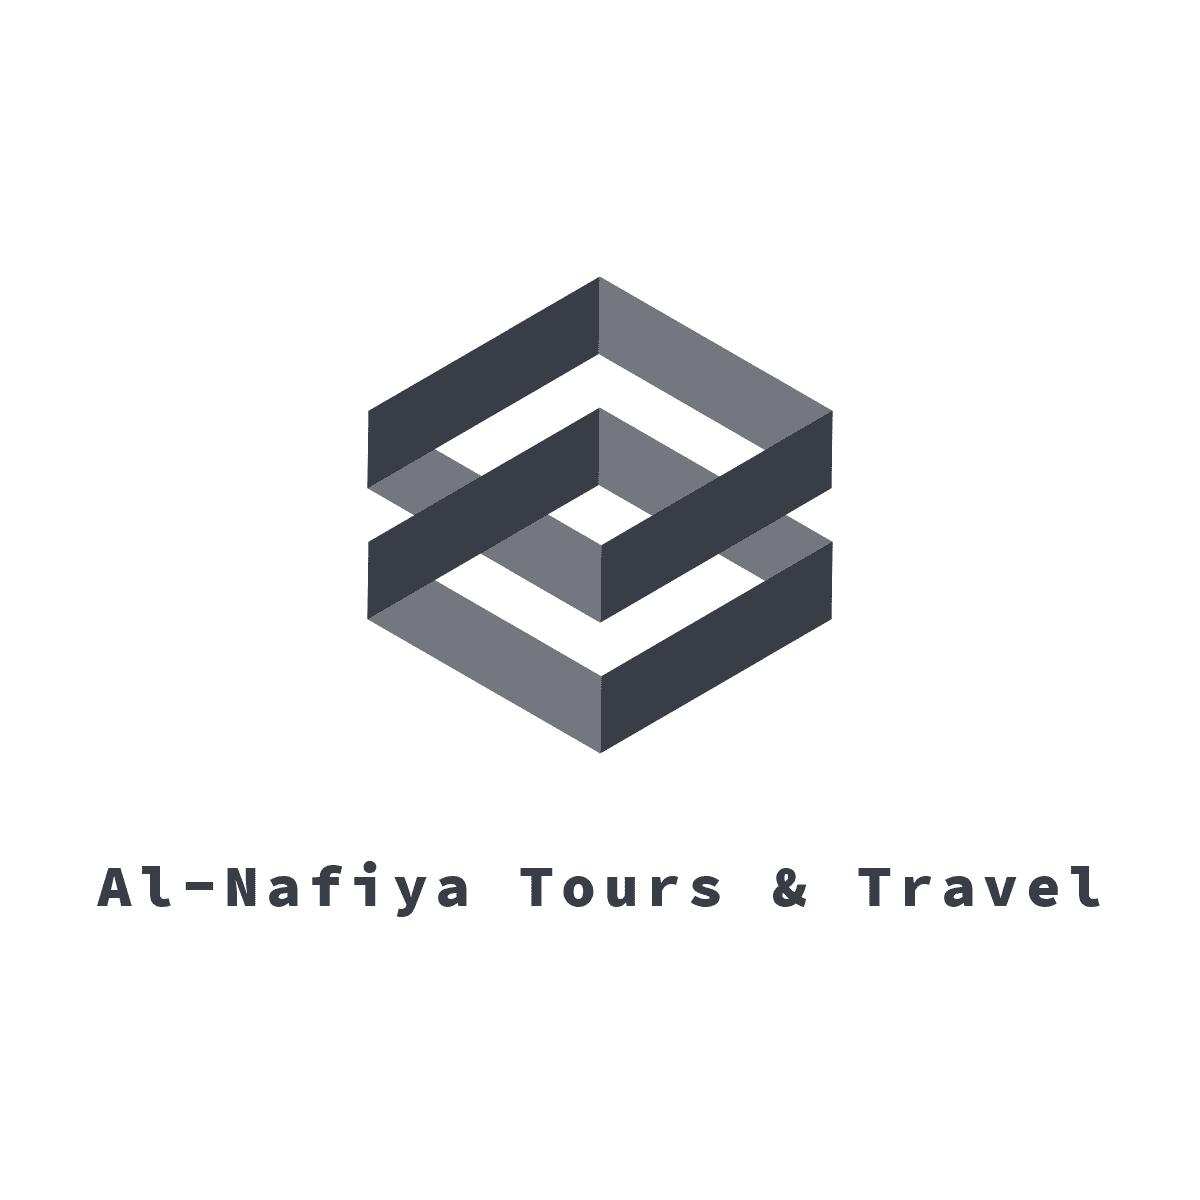 Al-Nafiya Tour & Travel